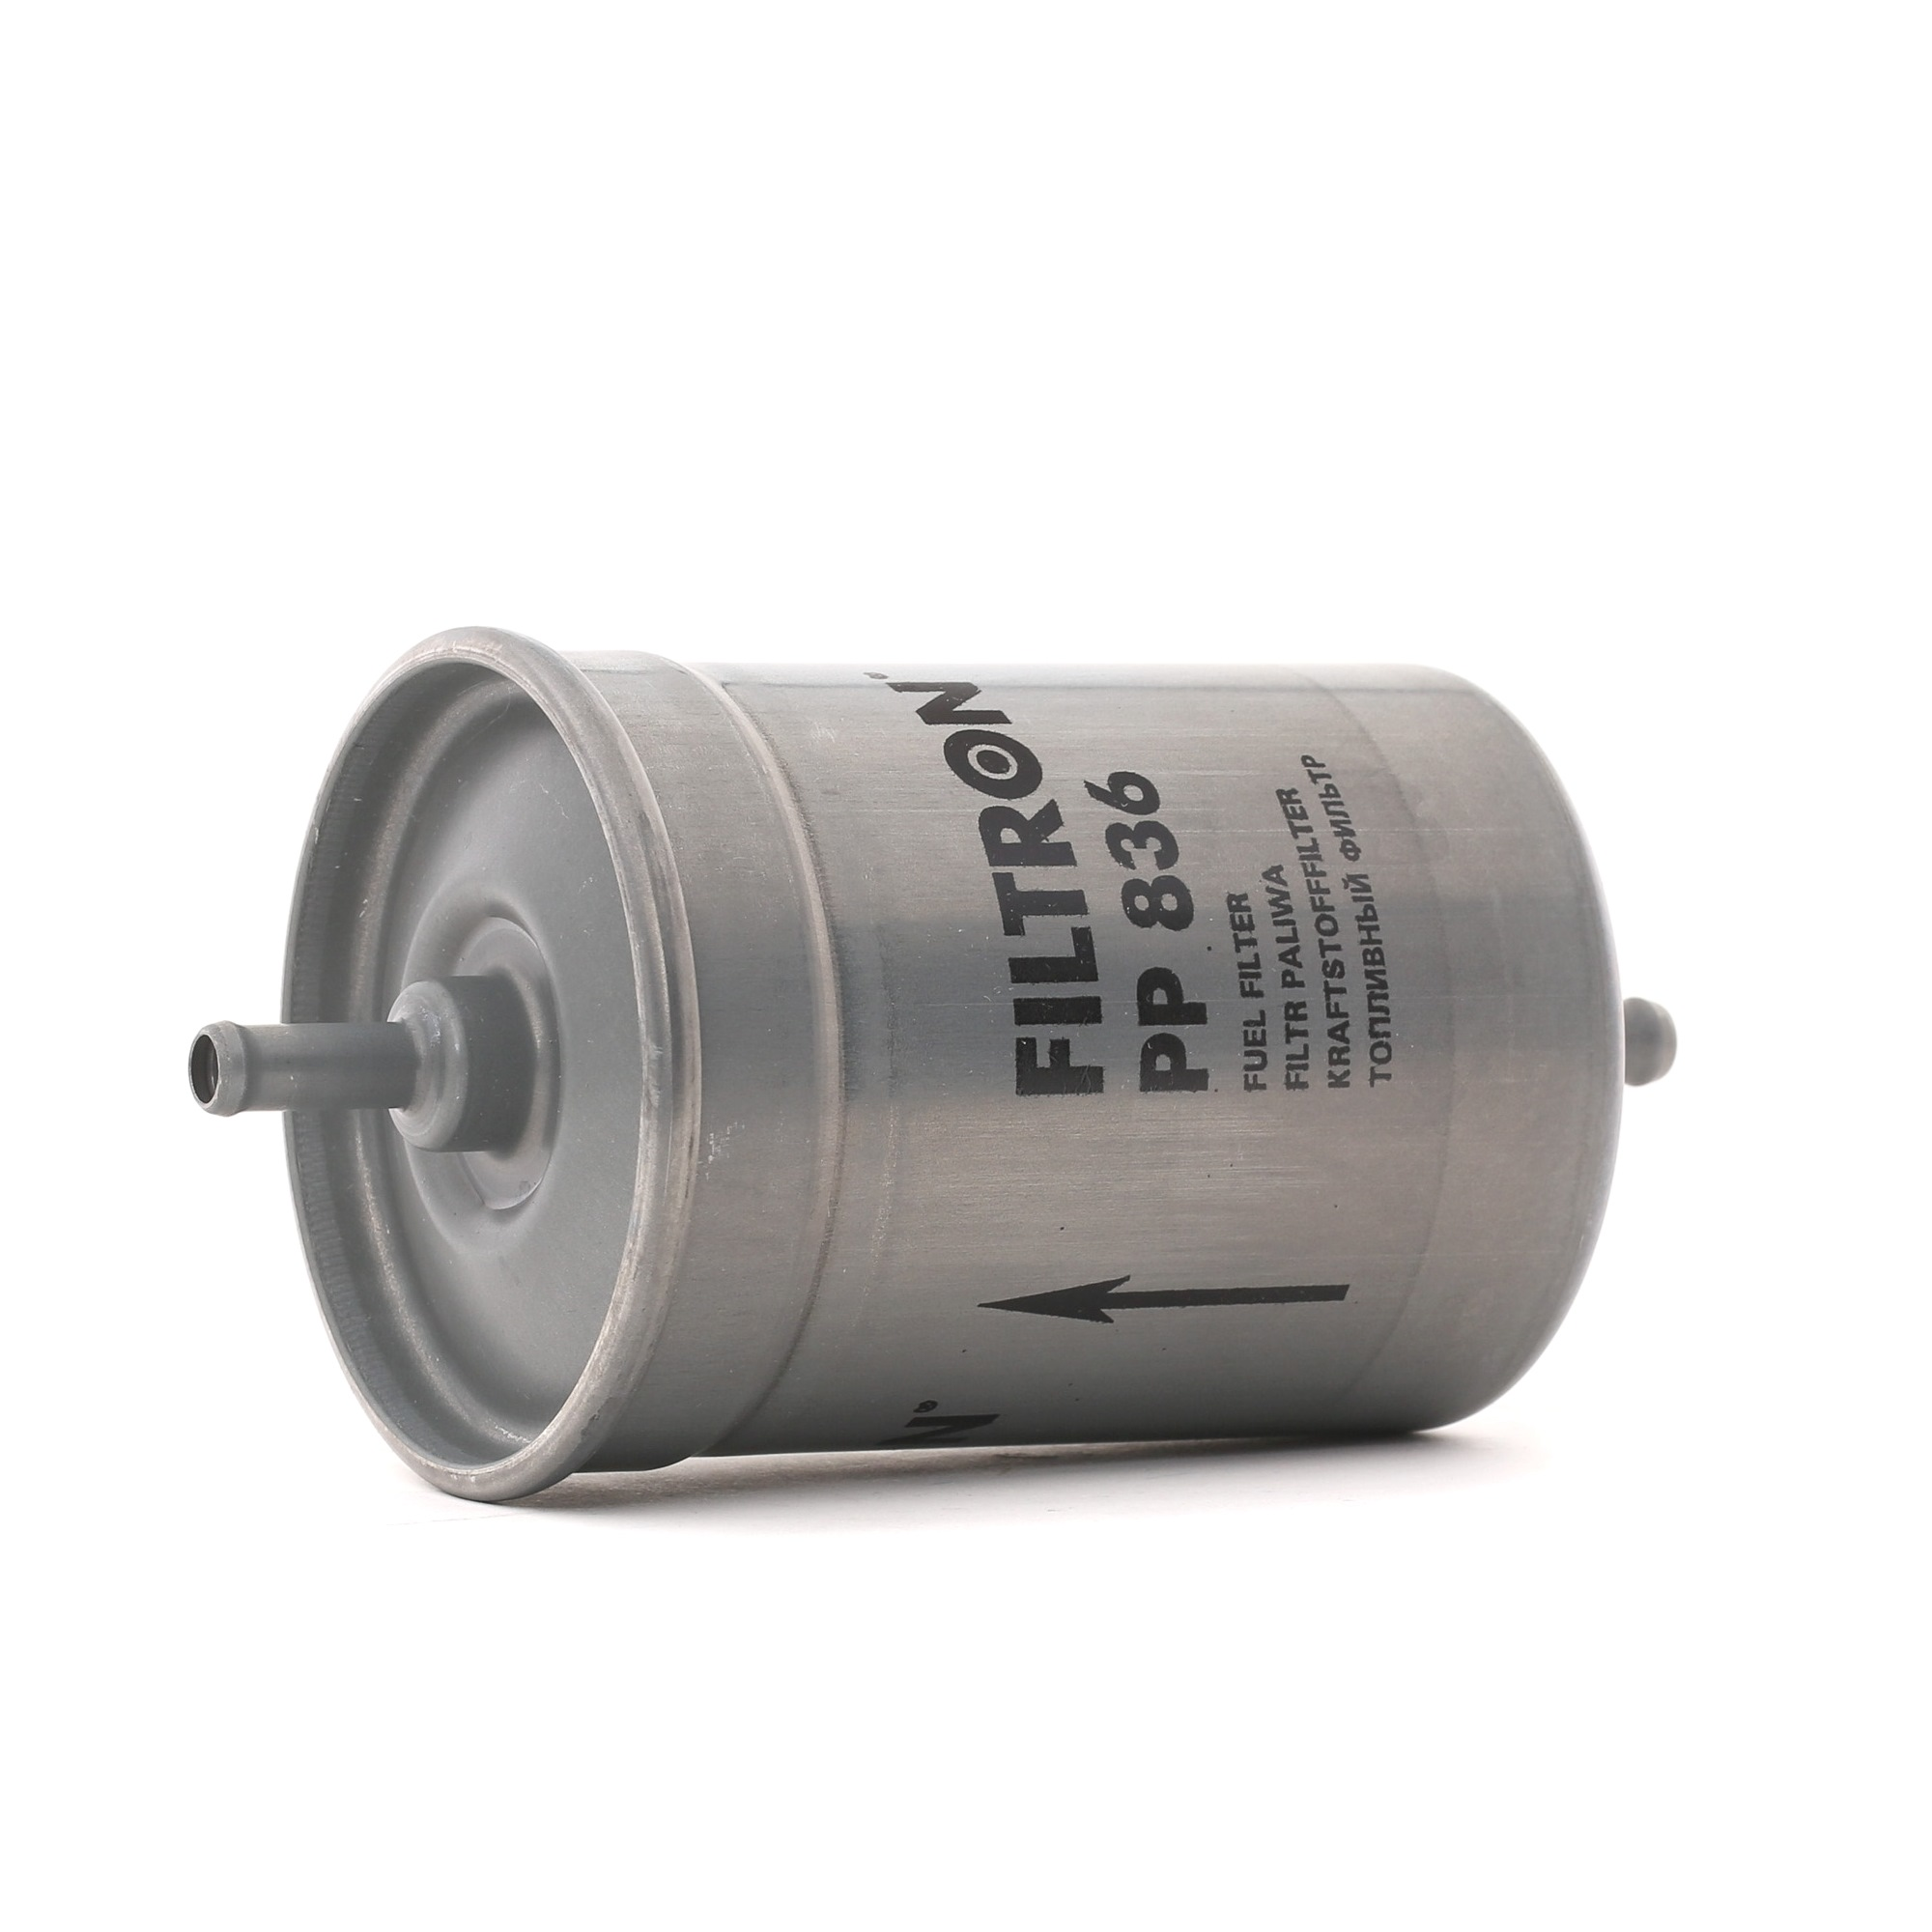 Skoda SUPERB FILTRON Palivový filtr PP 836